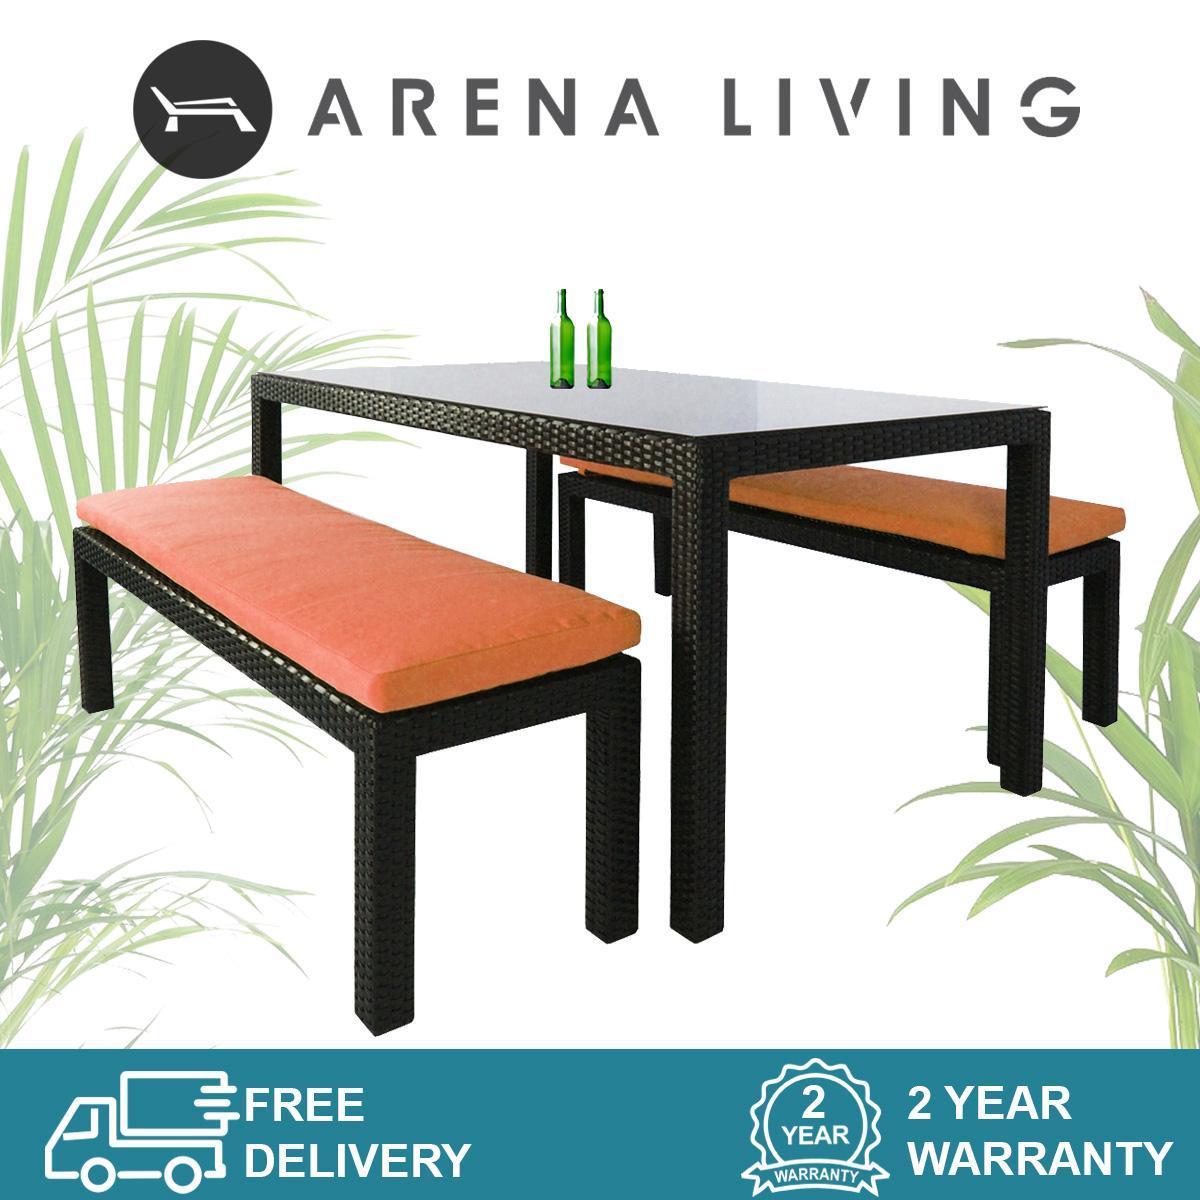 Bondi 2 Bench Dining Set Orange Cushion, Outdoor Furniture by Arena Living